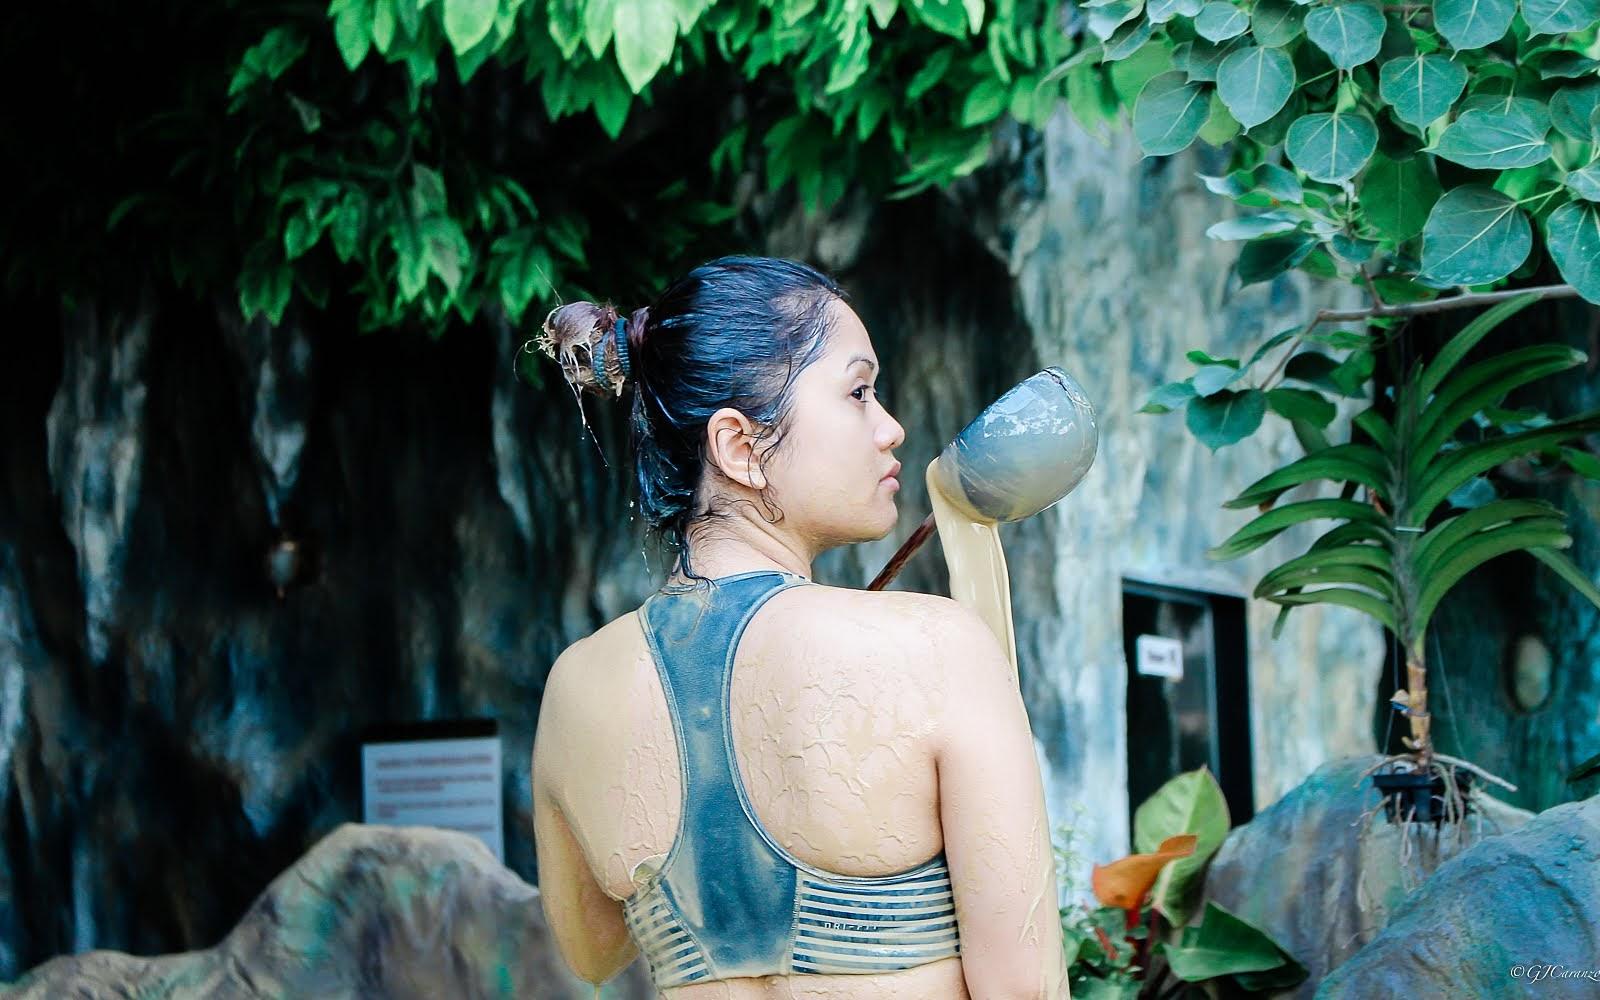 Galina Mud Bath and Spa Experience: Things To Do in Nha Trang, Vietnam